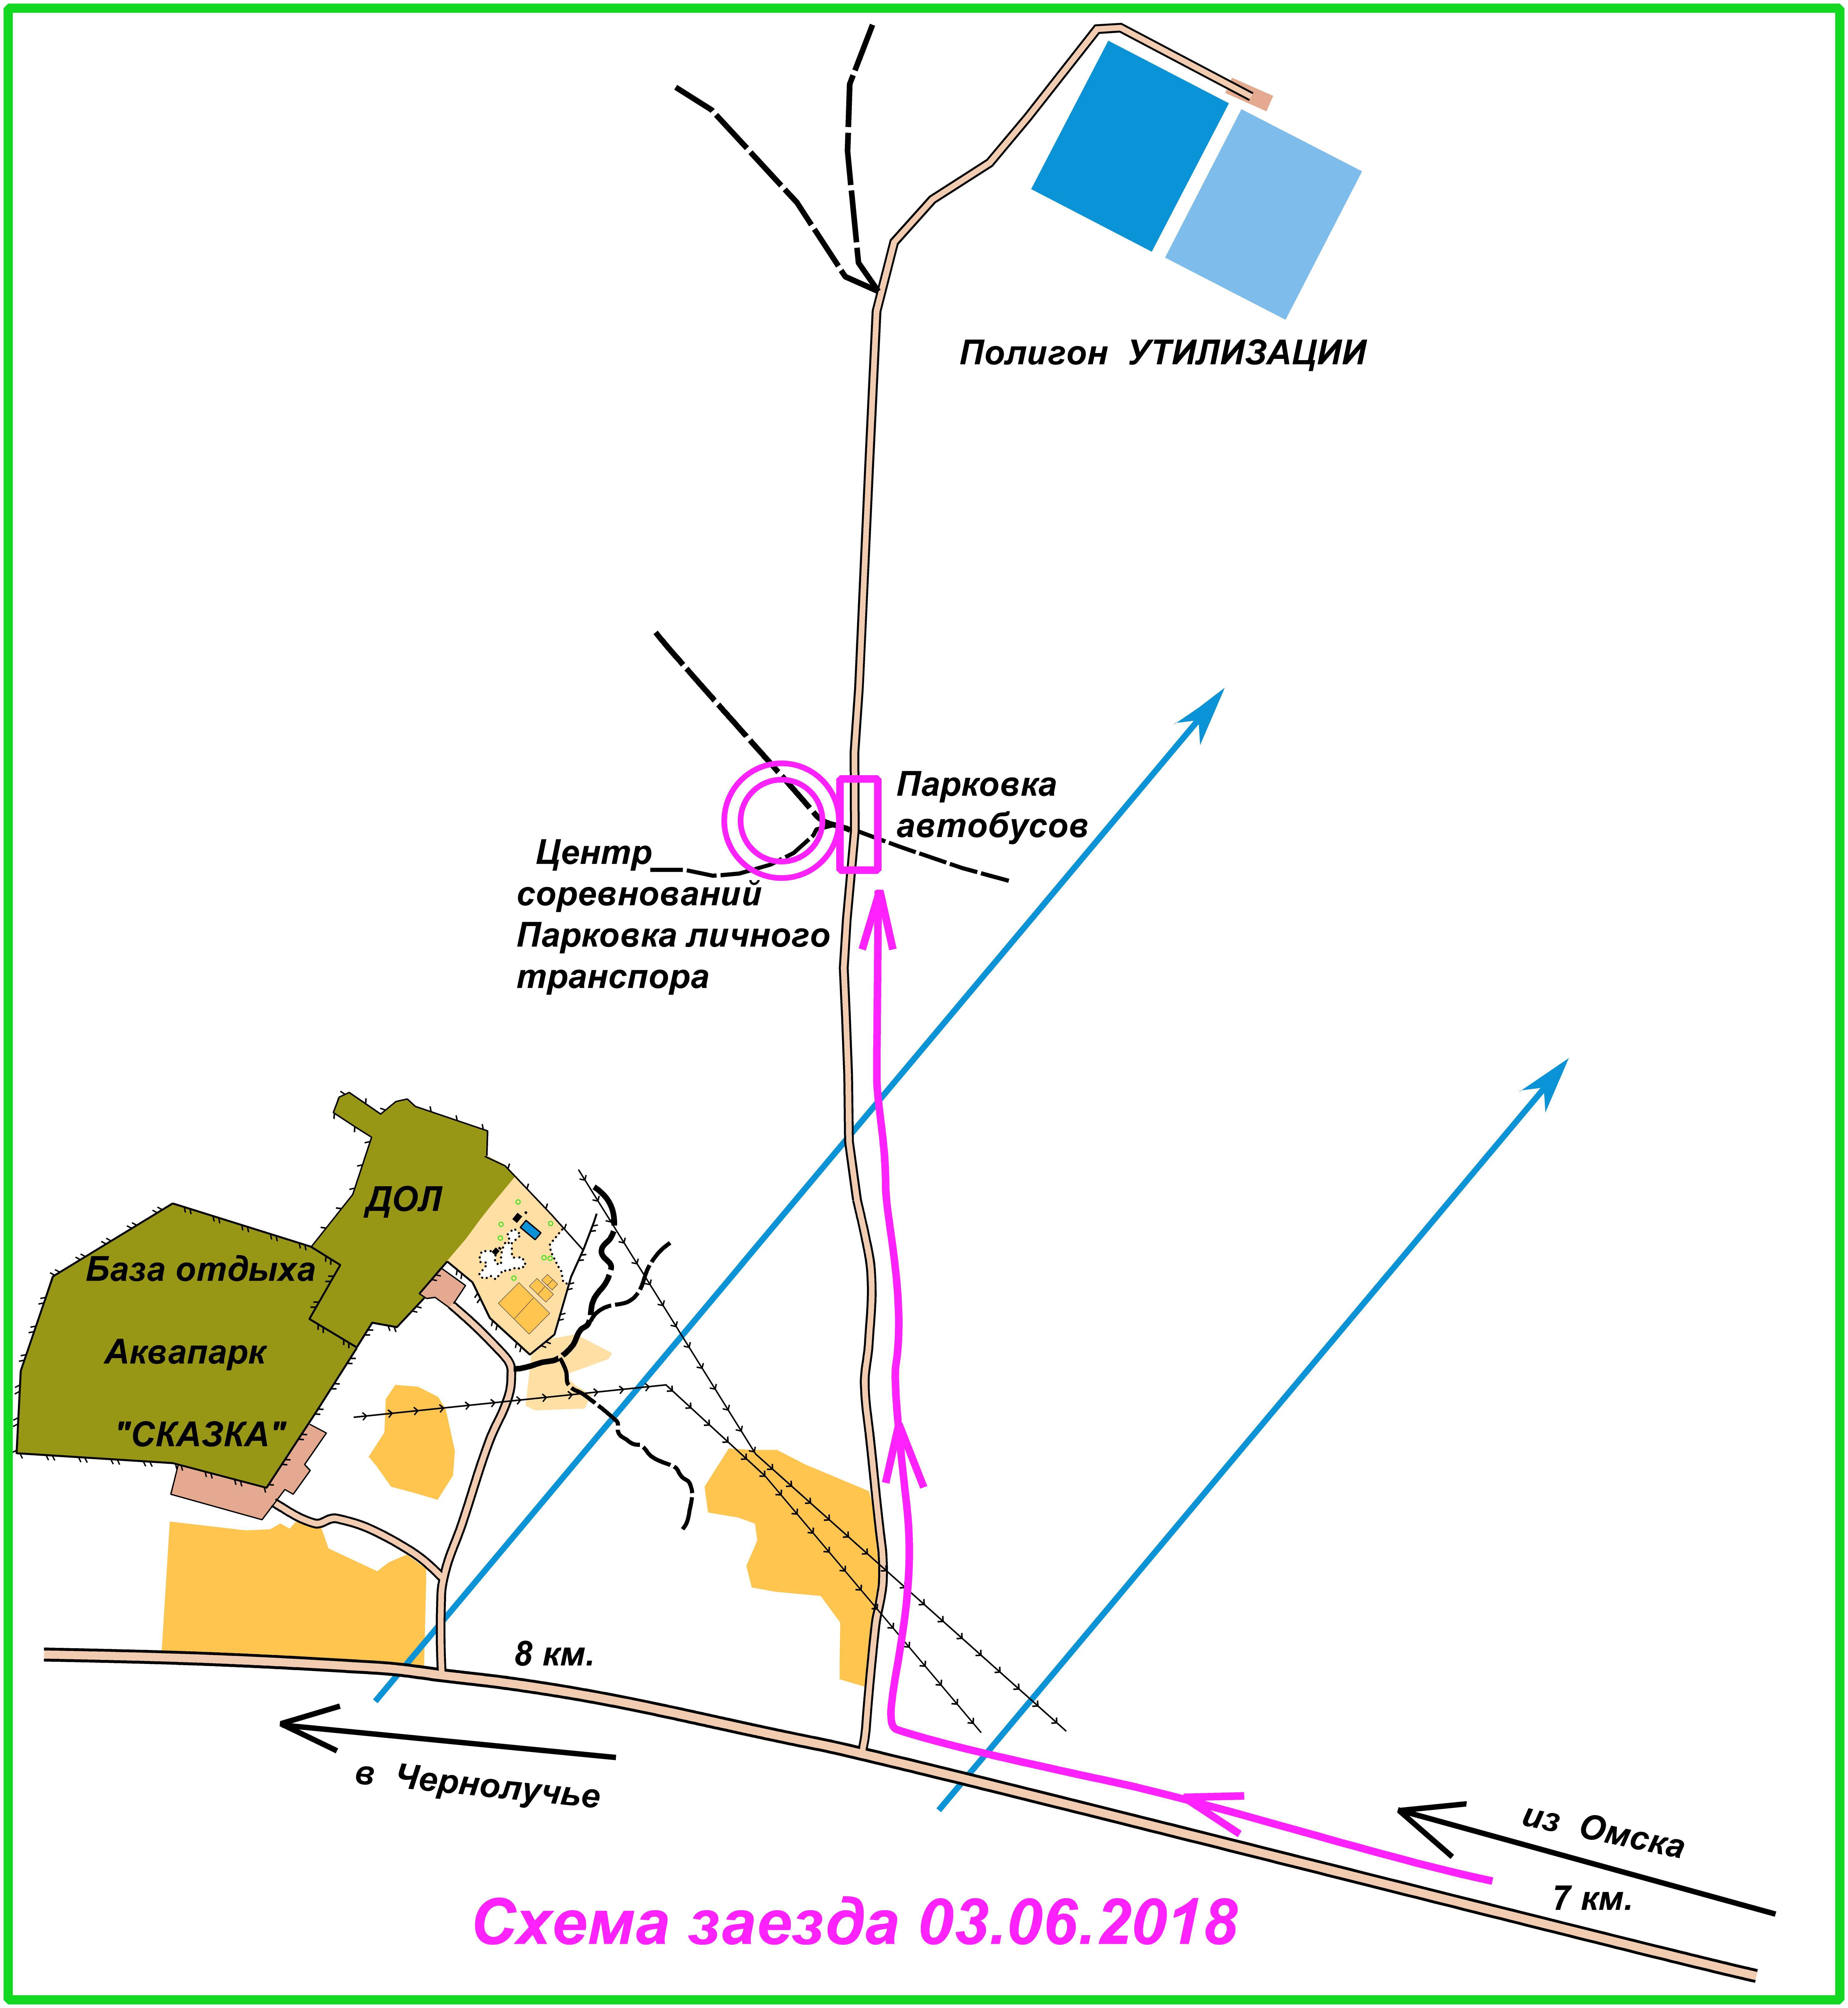 Схема заезда 3 июня